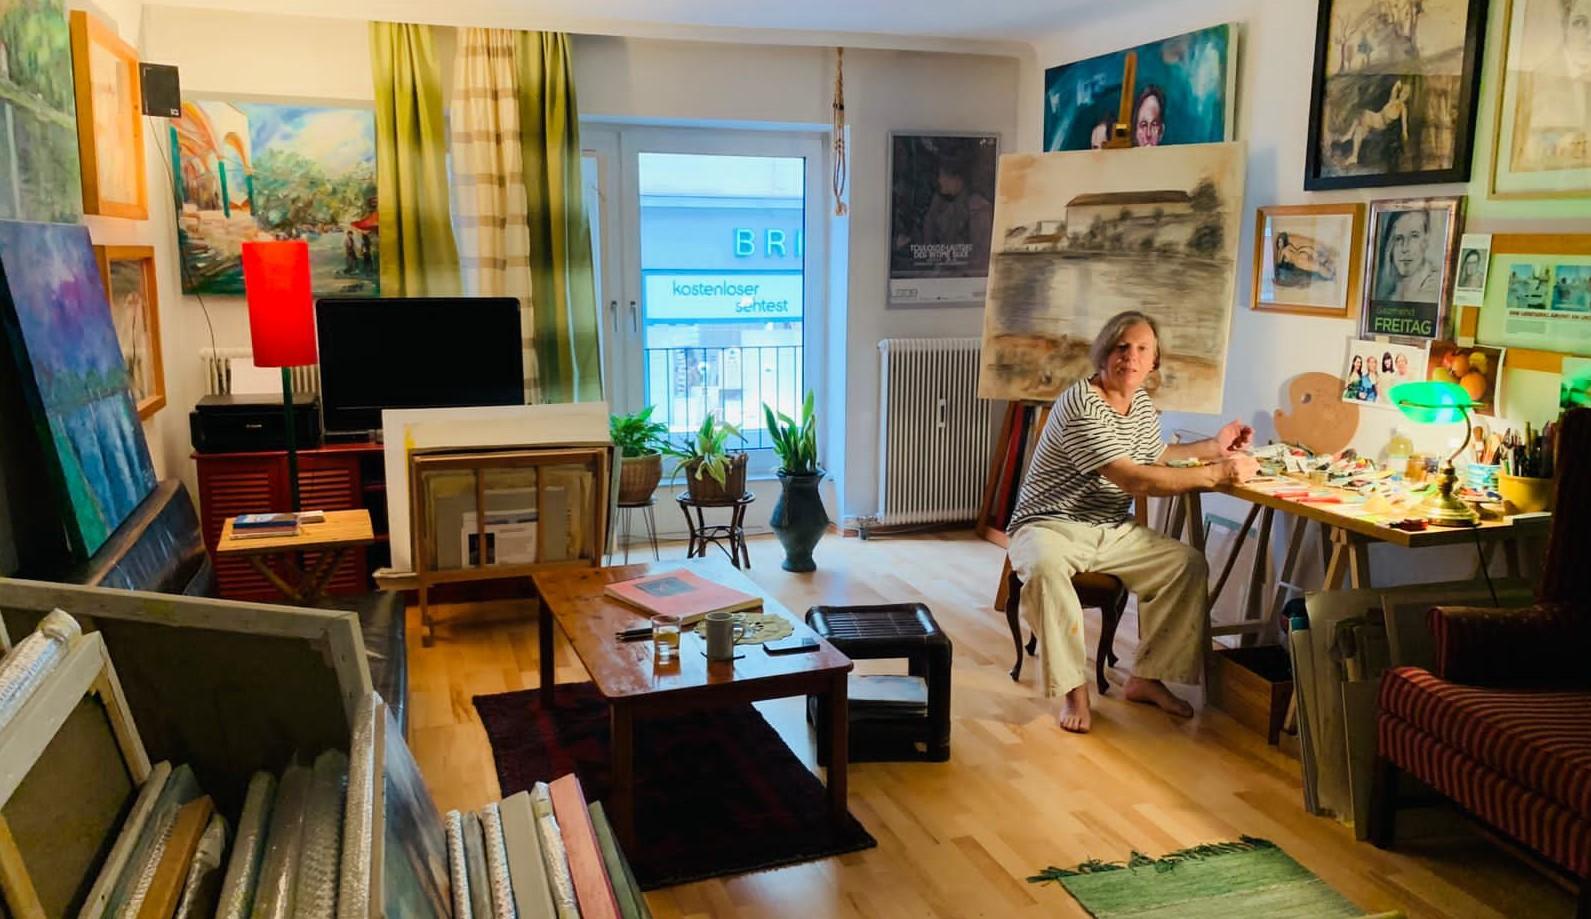 Gazmend Freitag in seinem Atelier in Linz, Österreich, 13. November, 2020. © Wilson Holz / LINZA Magazin